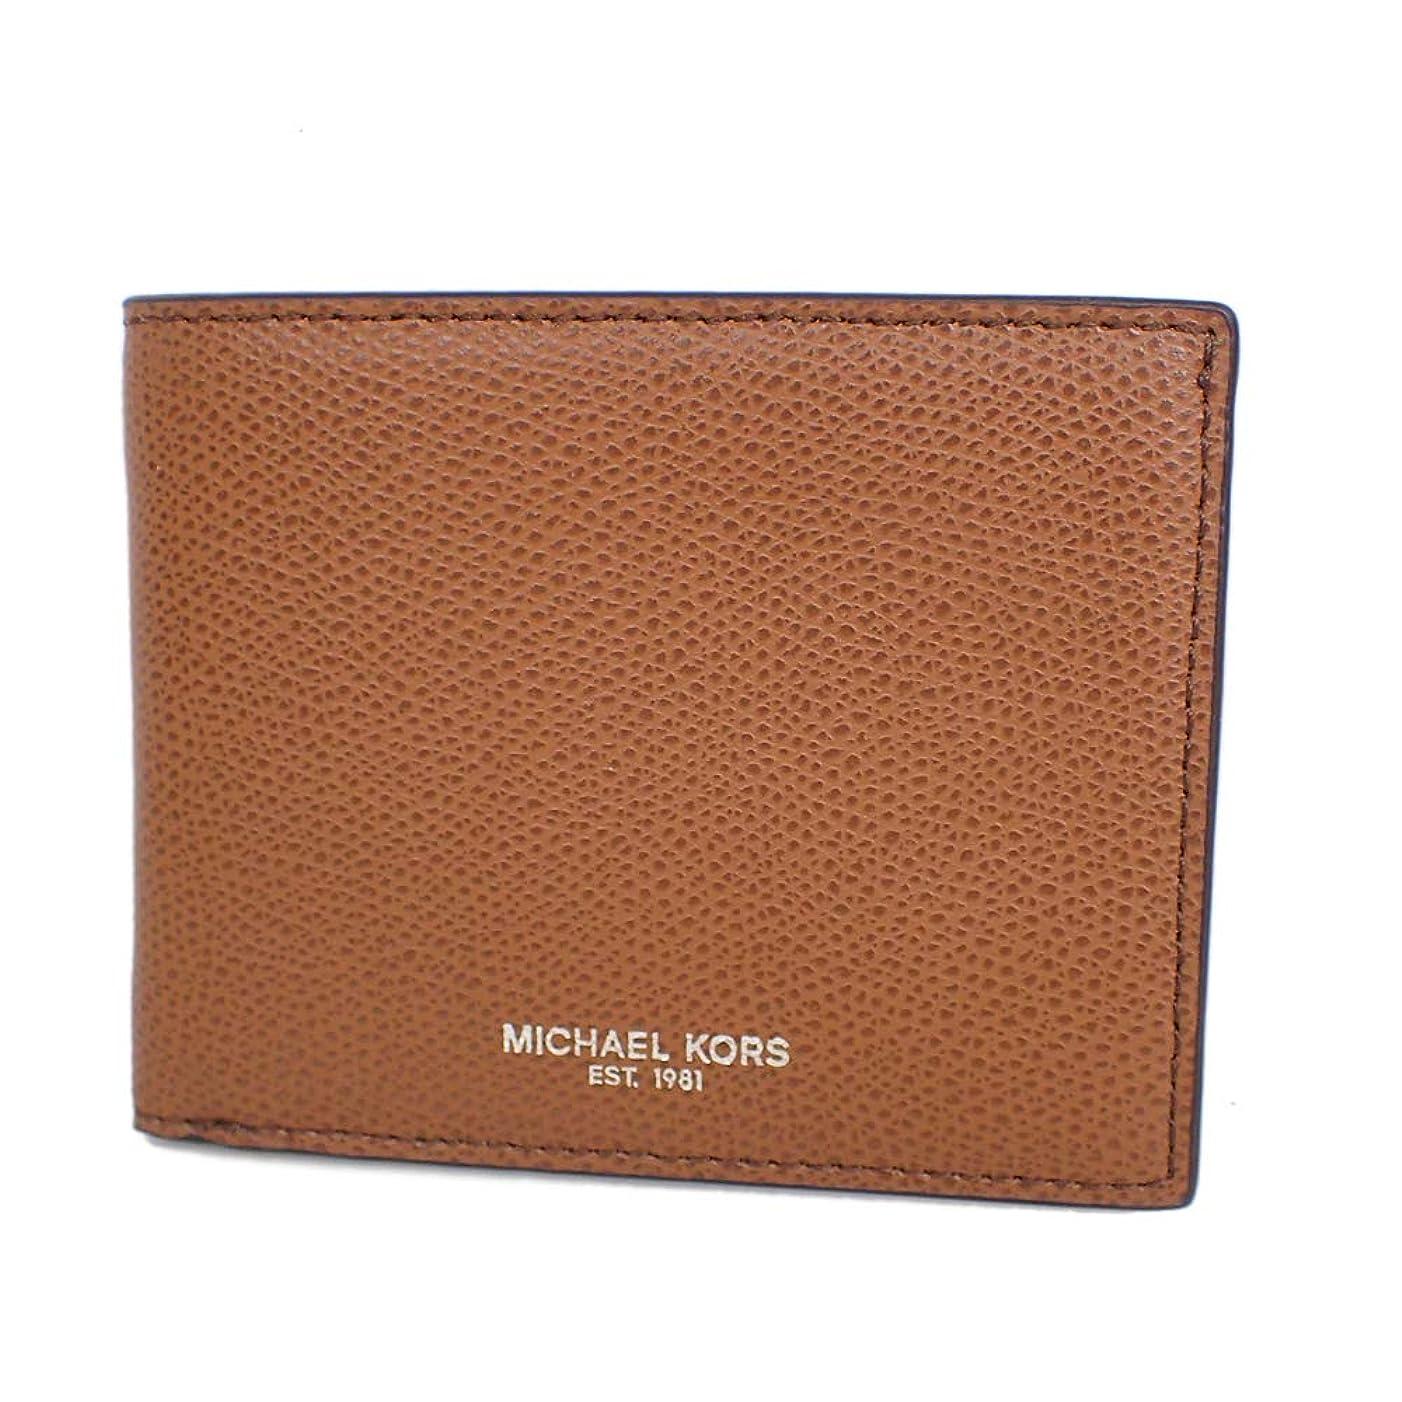 ガロン予測調停するマイケルコース 財布 折り財布 札入れ カード入れ ブラウン系 [未使用]並行輸入品 [並行輸入品]